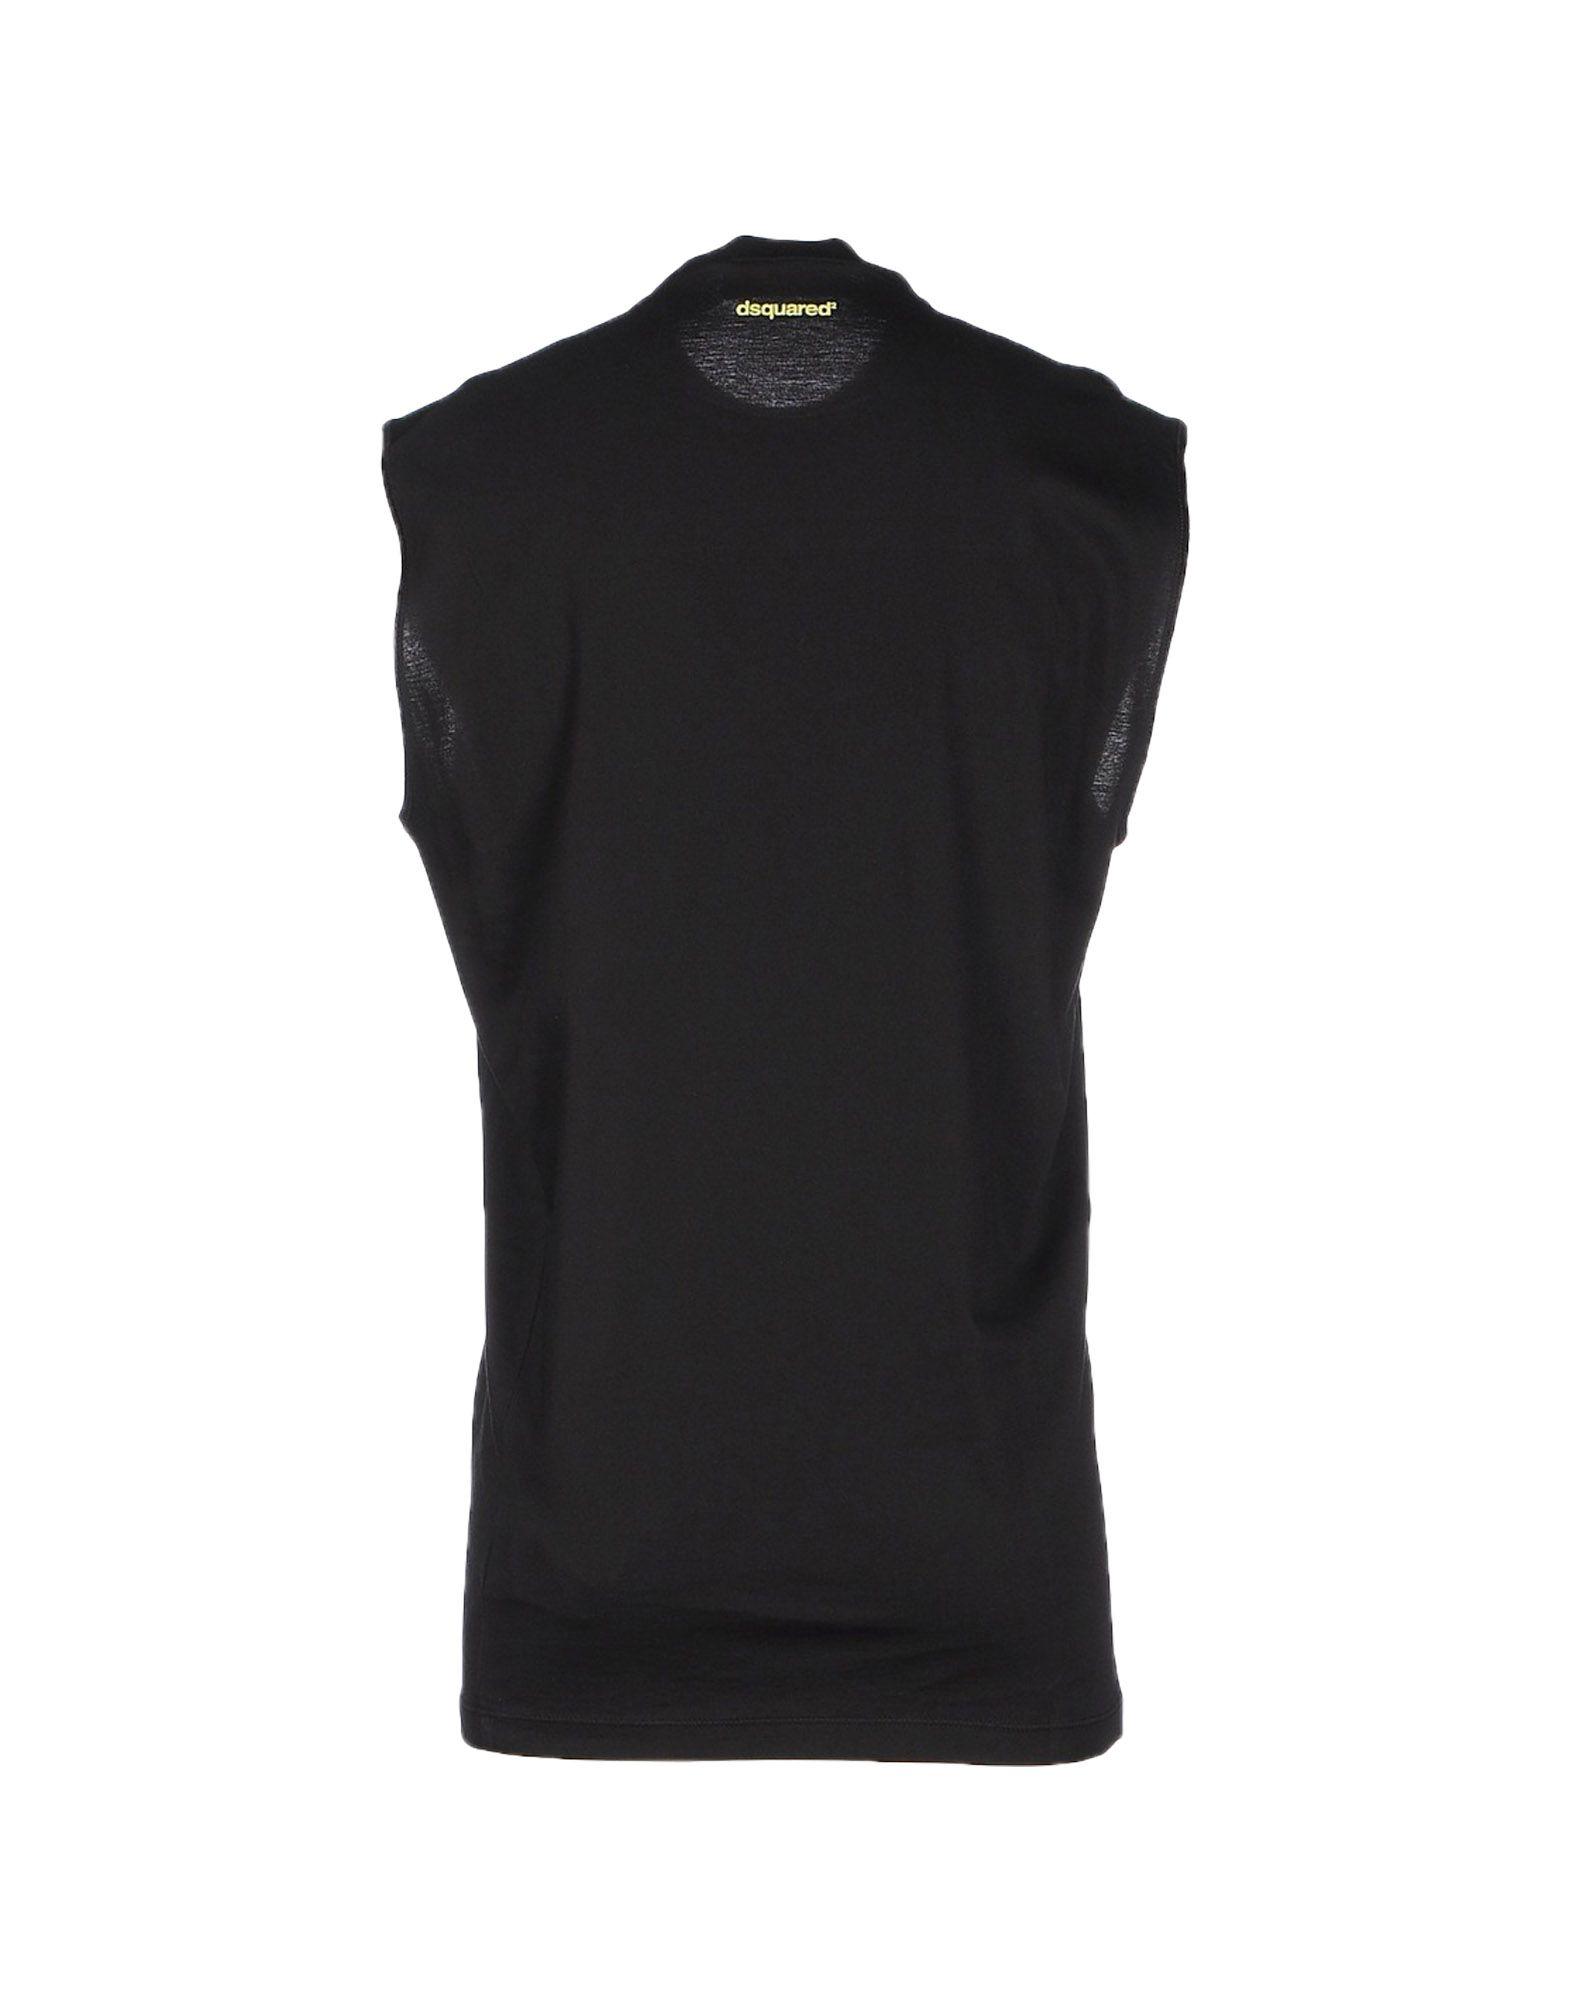 A buon mercato A buon mercato T-Shirt Dsquarosso2 Dsquarosso2 T-Shirt Uomo - 37908615SA bfa3c6